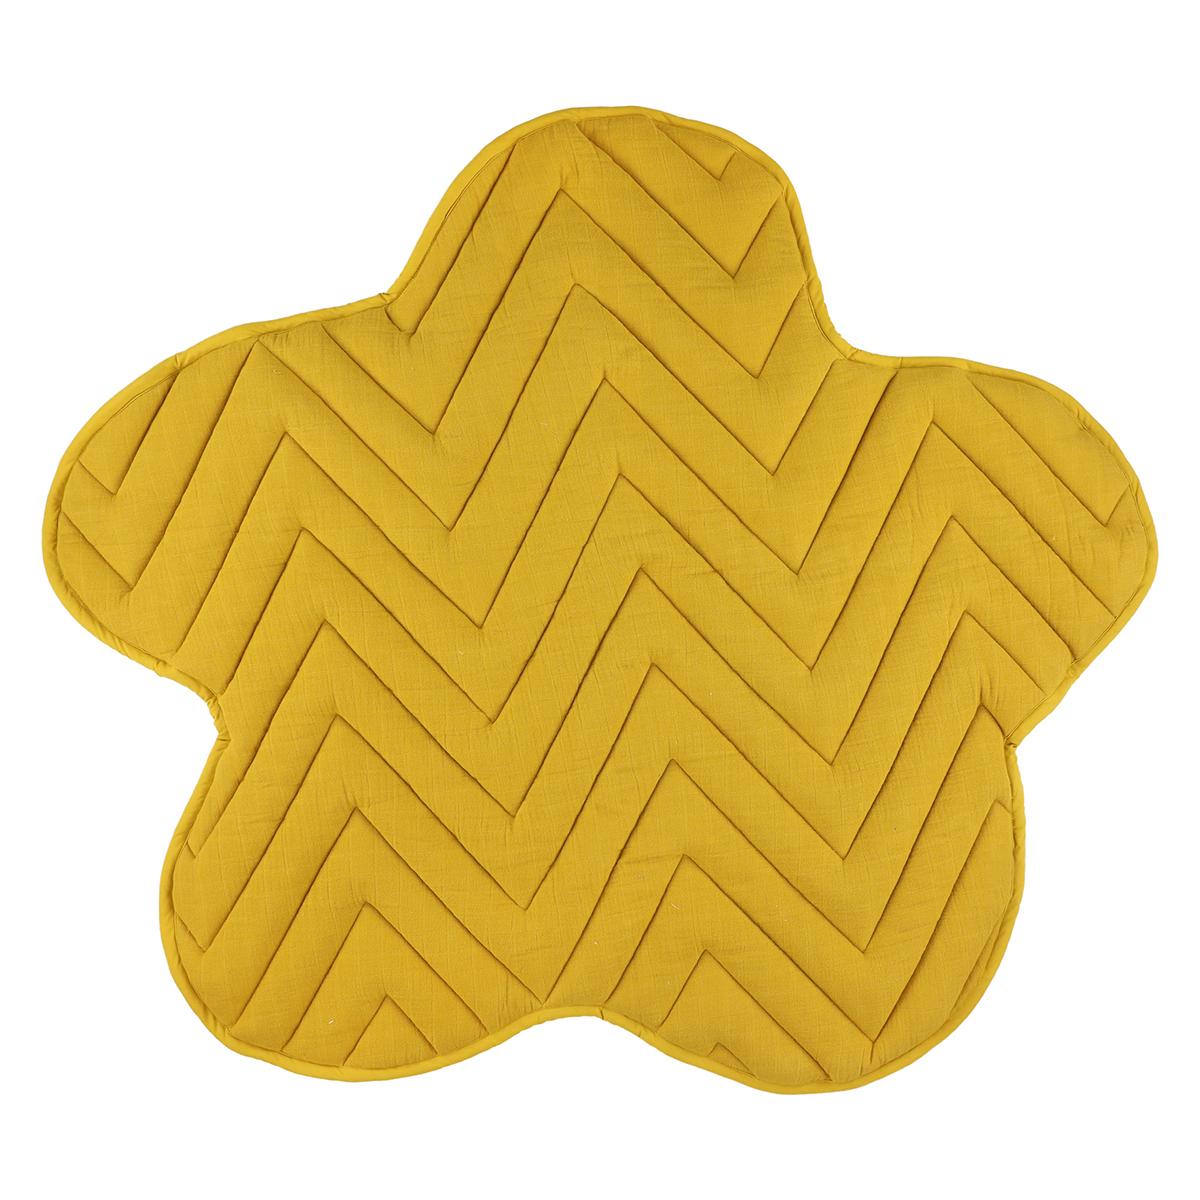 Tapis éveil Tapis de Jeux Fleur - Bliss Mustard Tapis de Jeux Fleur - Bliss Mustard